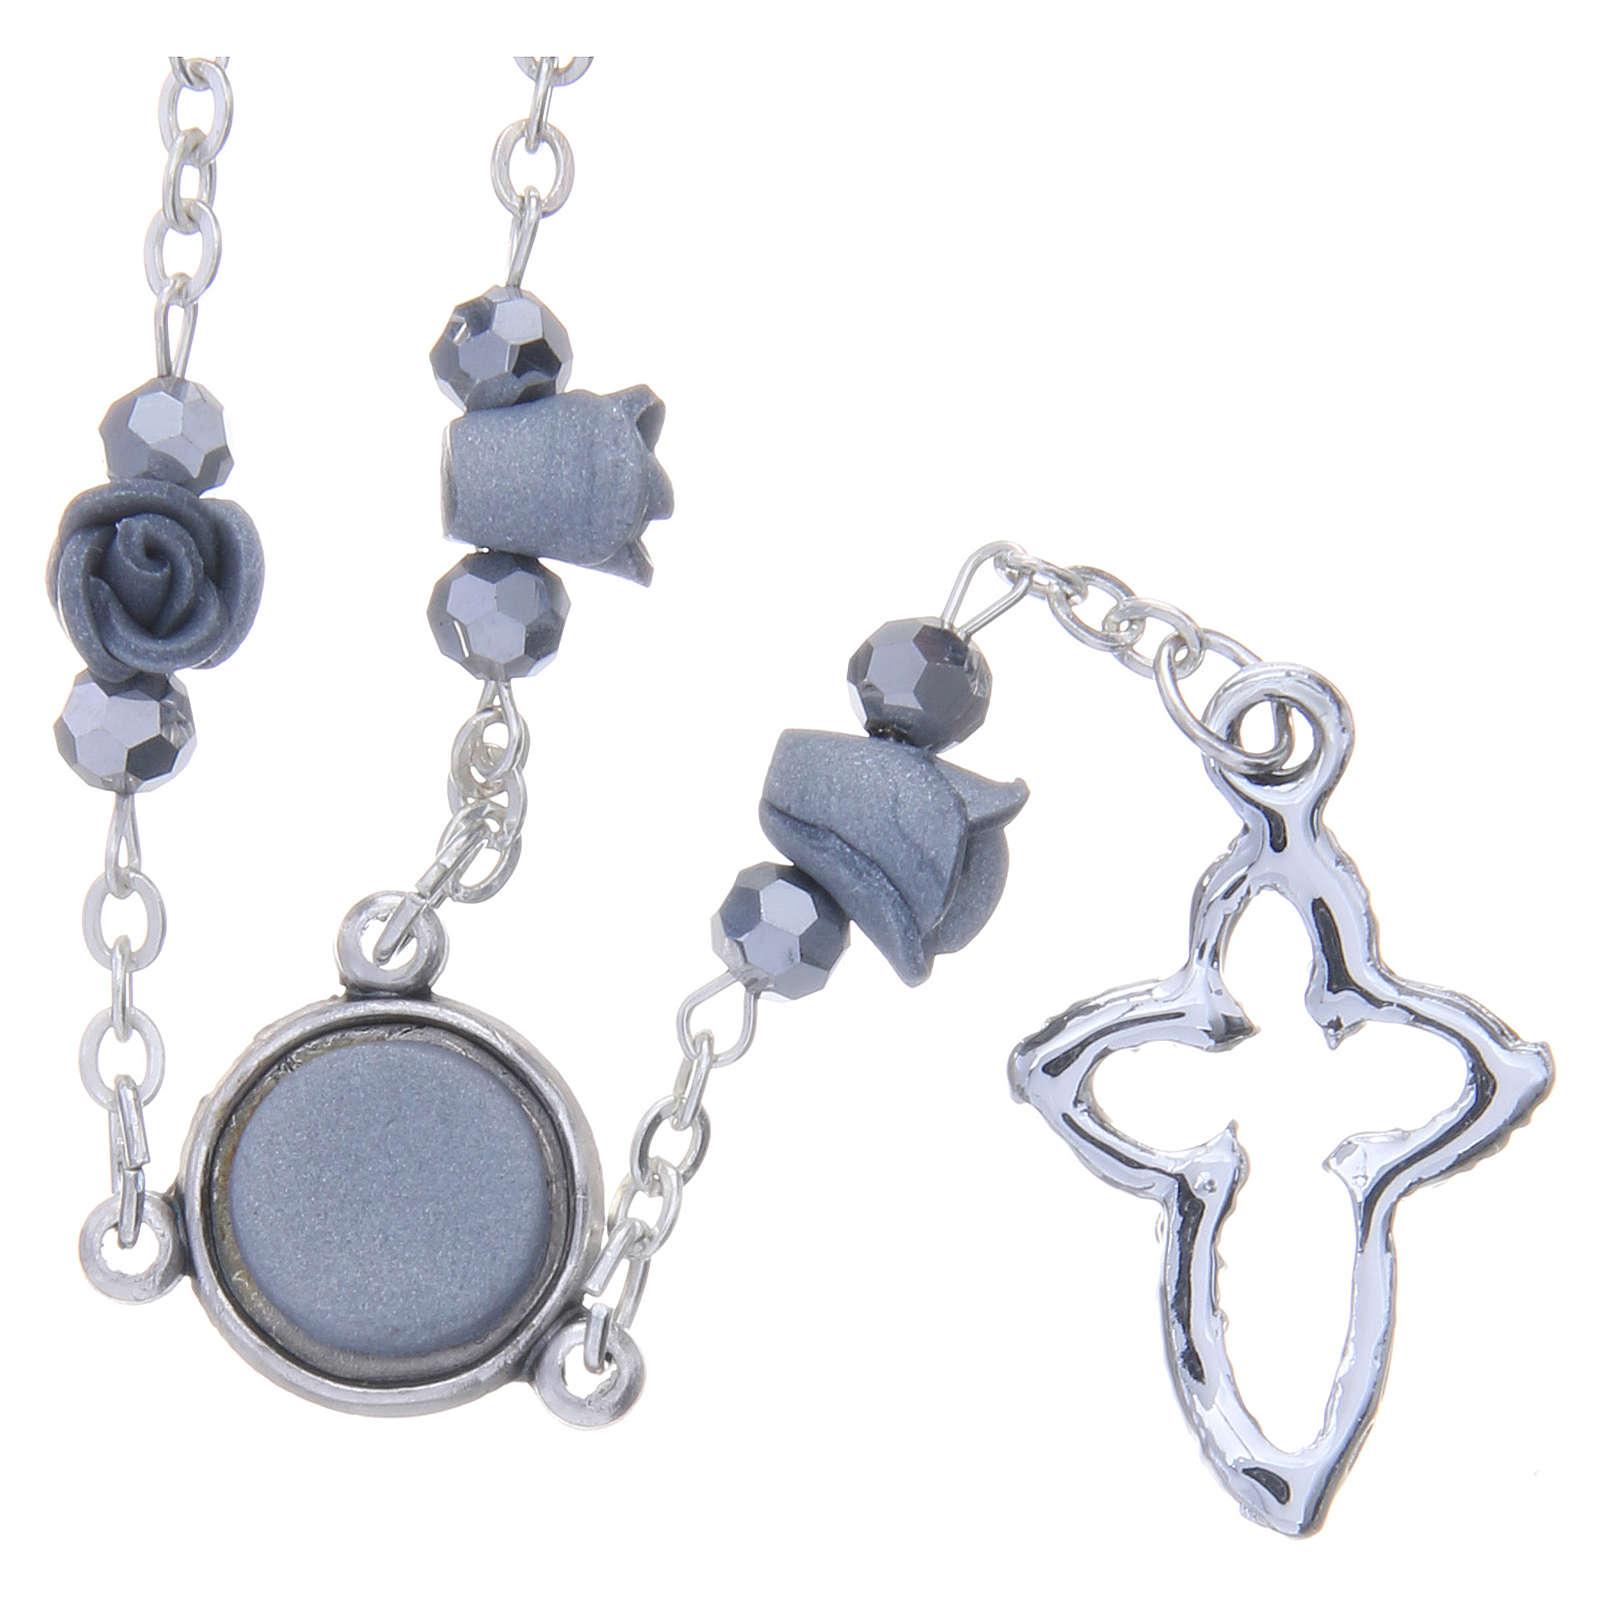 Collana rosario Medjugorje rose ceramica grigie grani cristallo 4